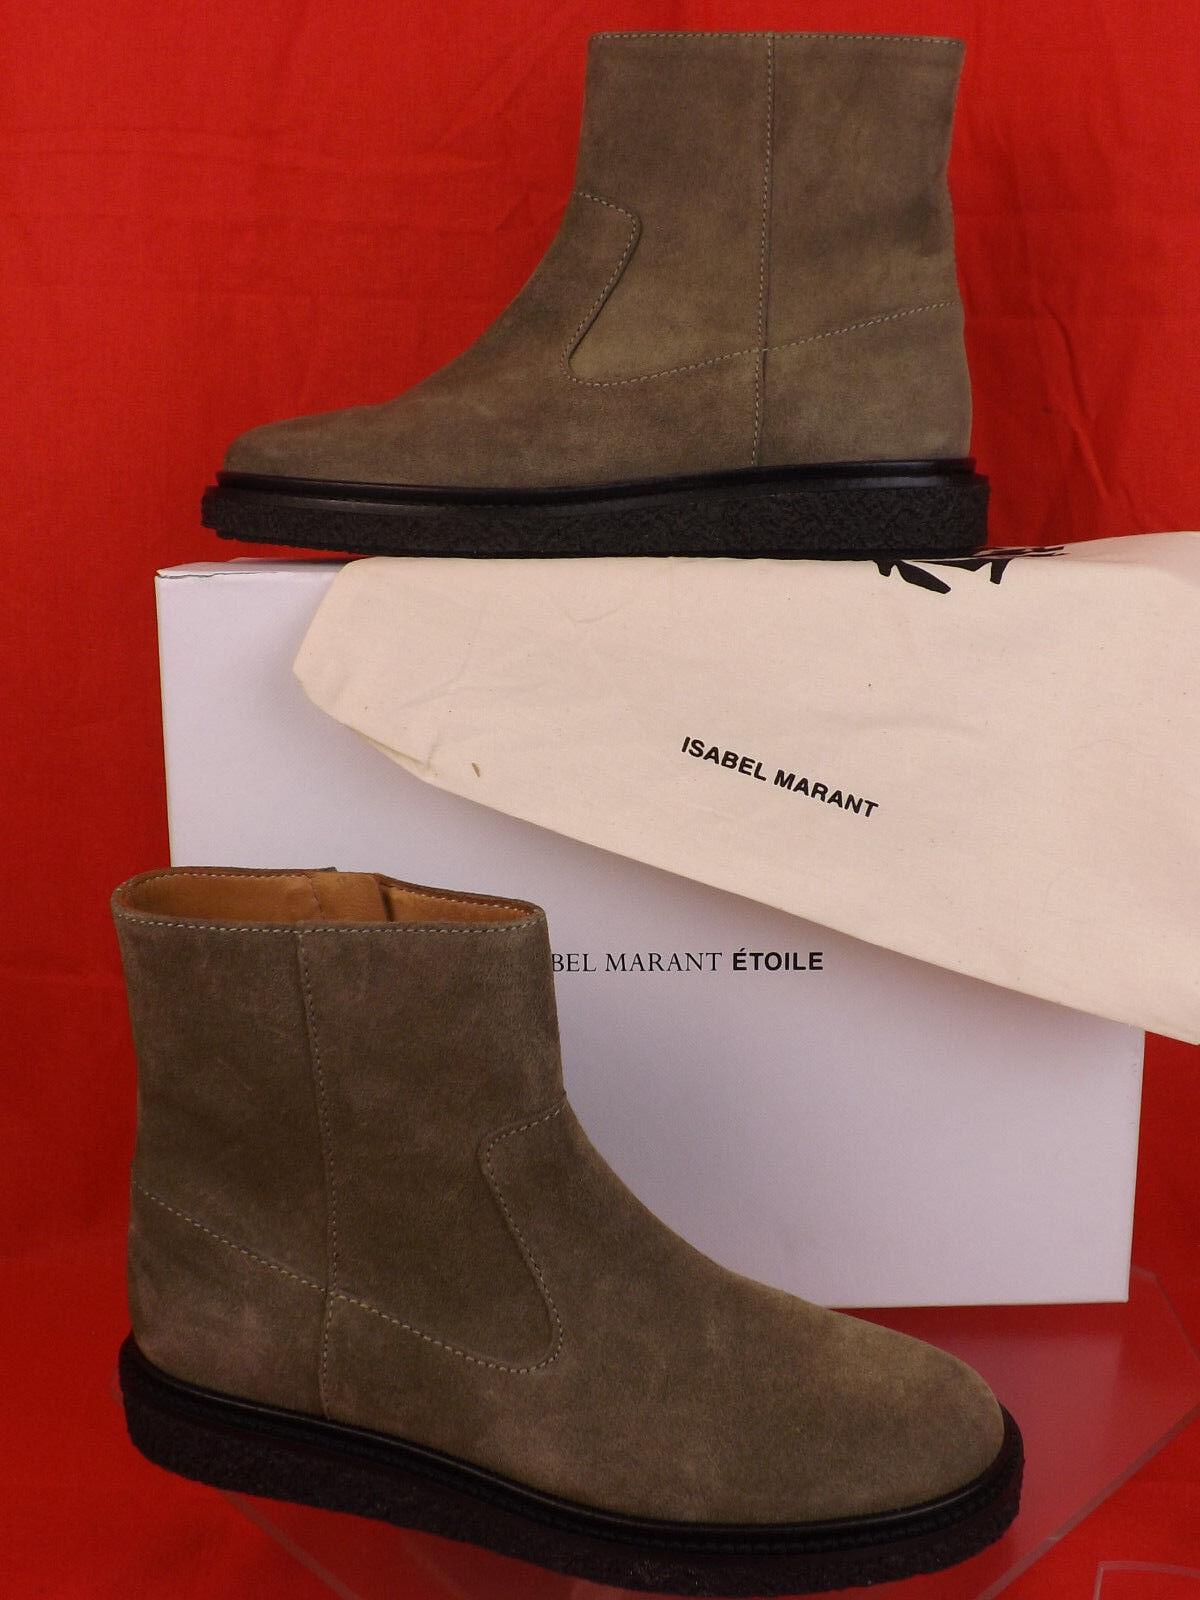 Nuevo Nuevo Nuevo En Caja Isabel Marant Etoile gris Topo Gamuza Connor Cremallera Tobillo botas 38  Envío 100% gratuito